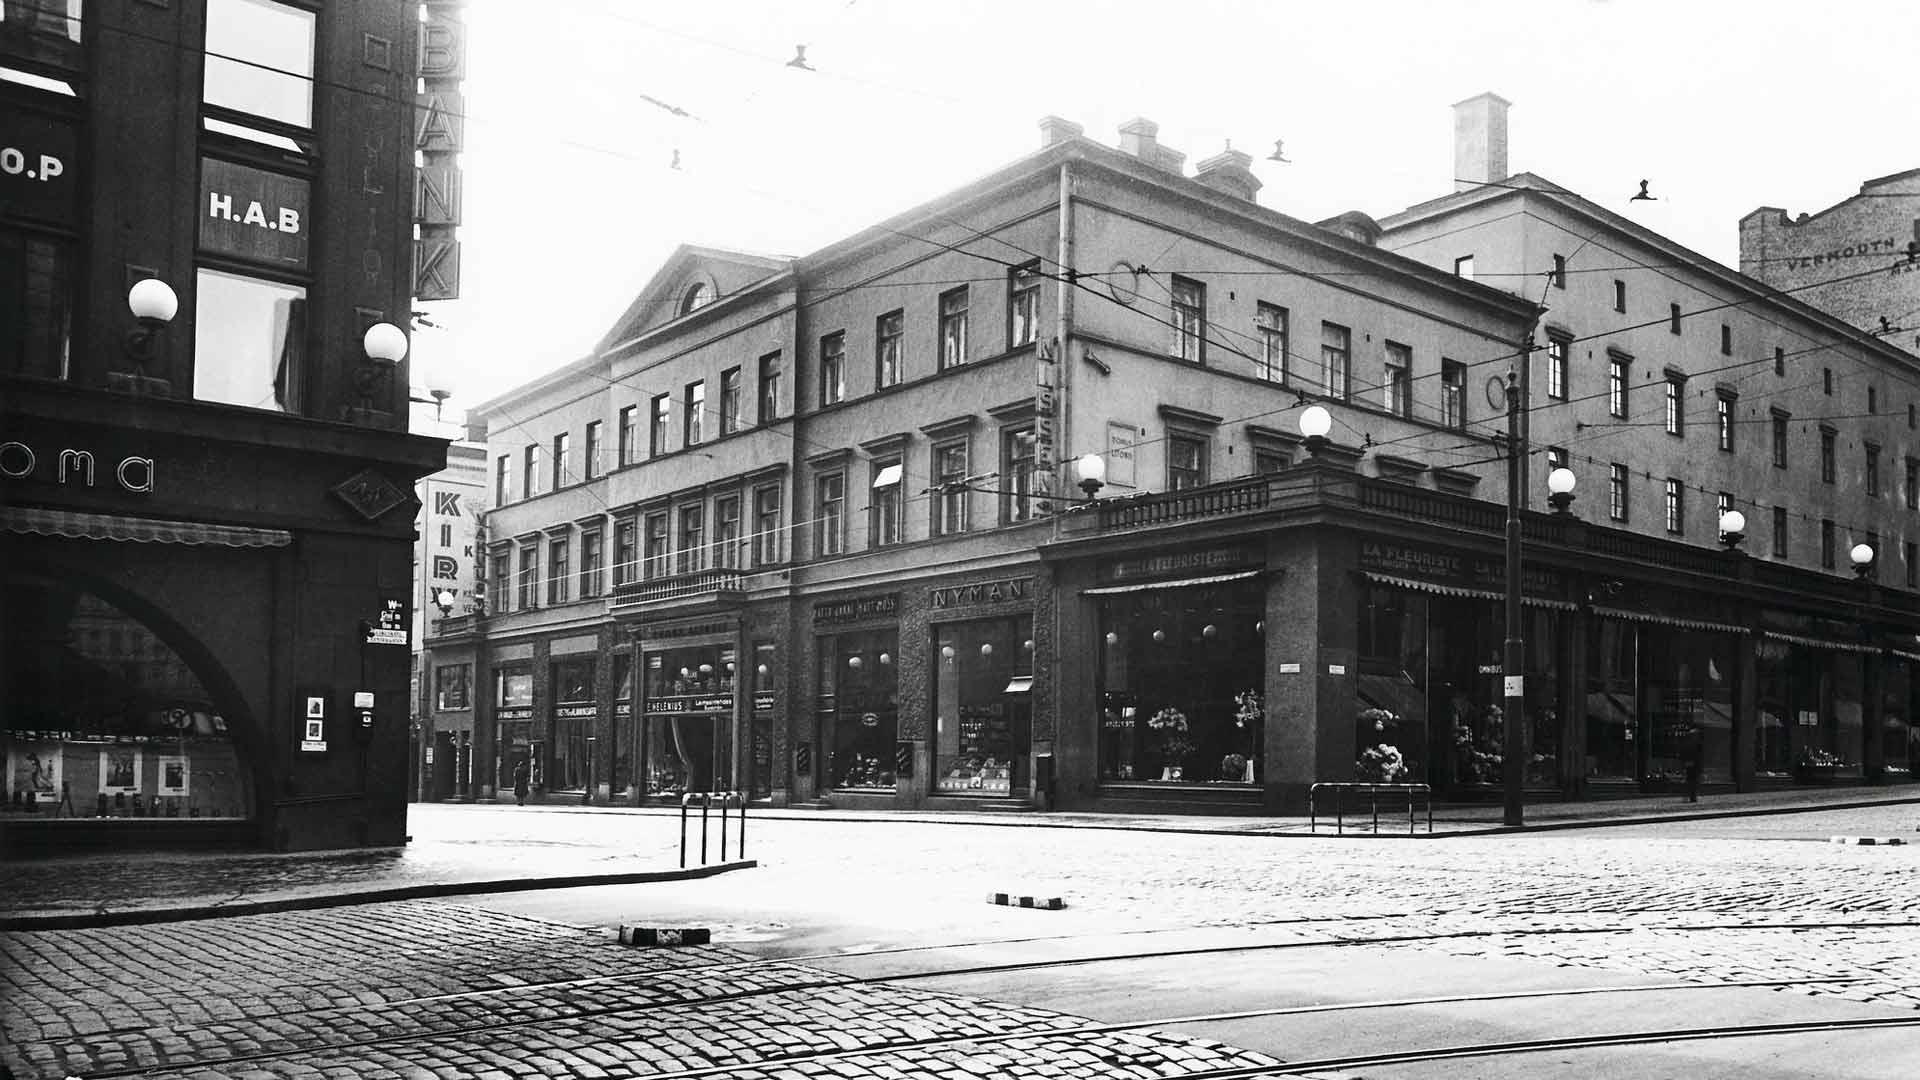 Kuvauksia varten elokuvan arvotaloksi pohdittiin Litoniuksen taloa Aleksanterinkatu 50:ssä, Stockmannin tavaratalon naapurissa. Talon alakerrassa on liikehuoneistoja, mutta yläkerroksissa on yhä asuntoja. Se on ainoa 1840-luvulta asti asuinkäytössä ollut Helsingin ydinkeskustan rakennus.